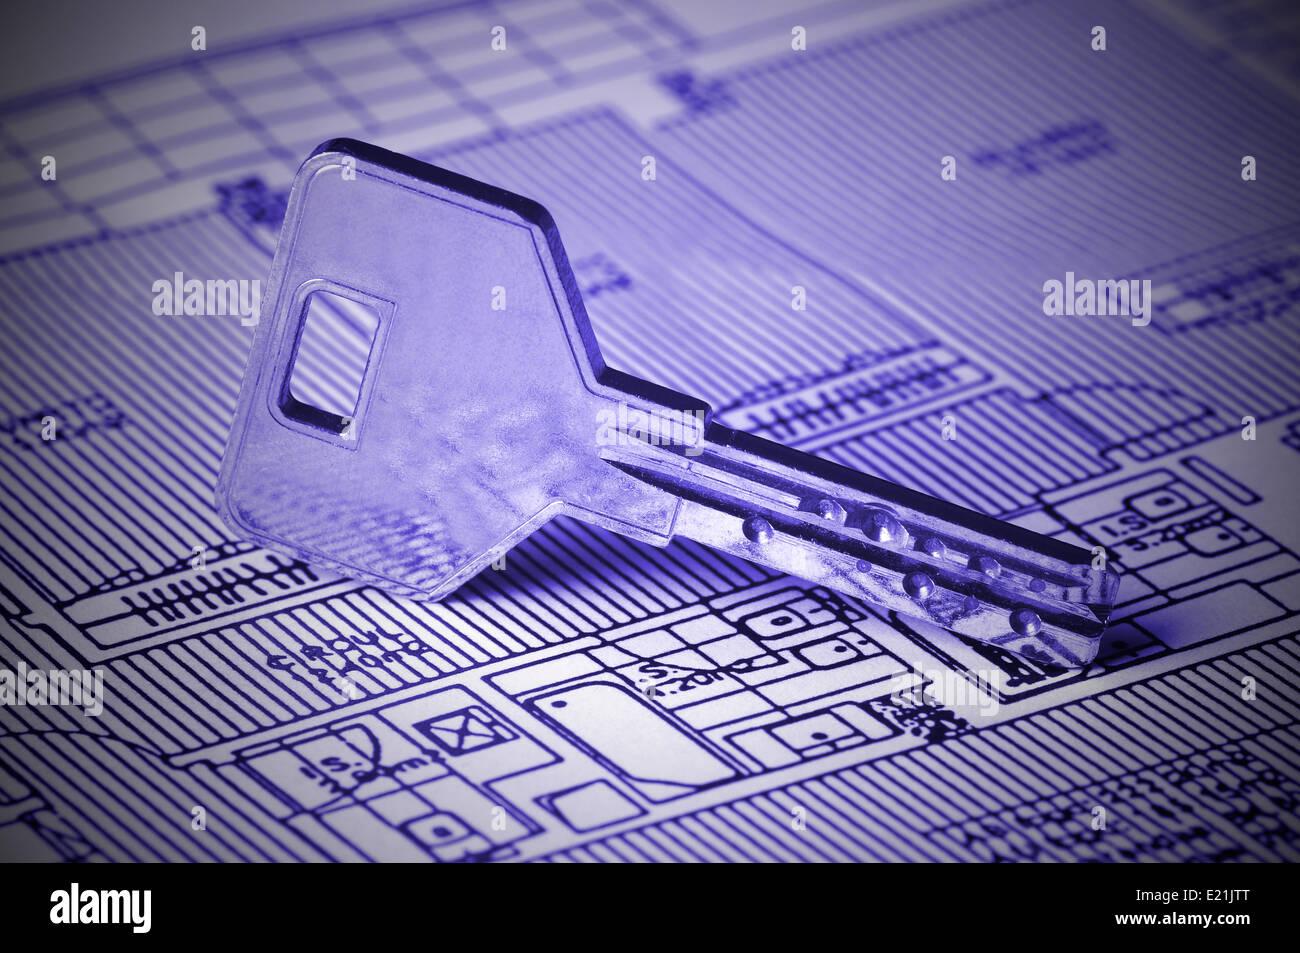 Key on Blueprint - Stock Image